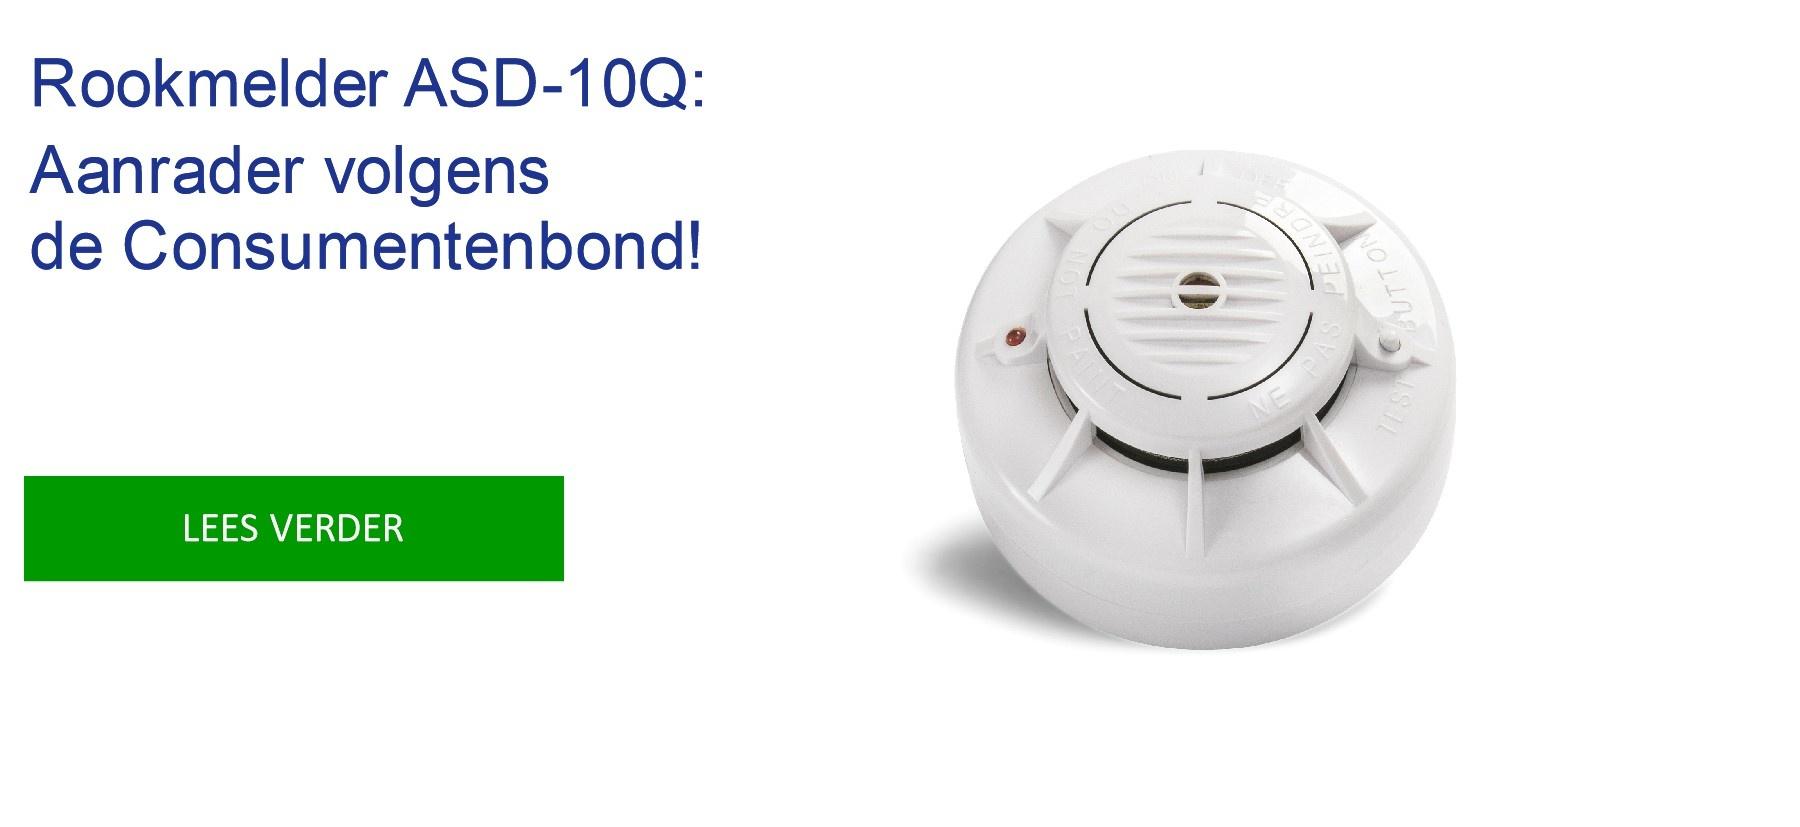 ASD-10Q aanrader volgens de Consumentenbond.